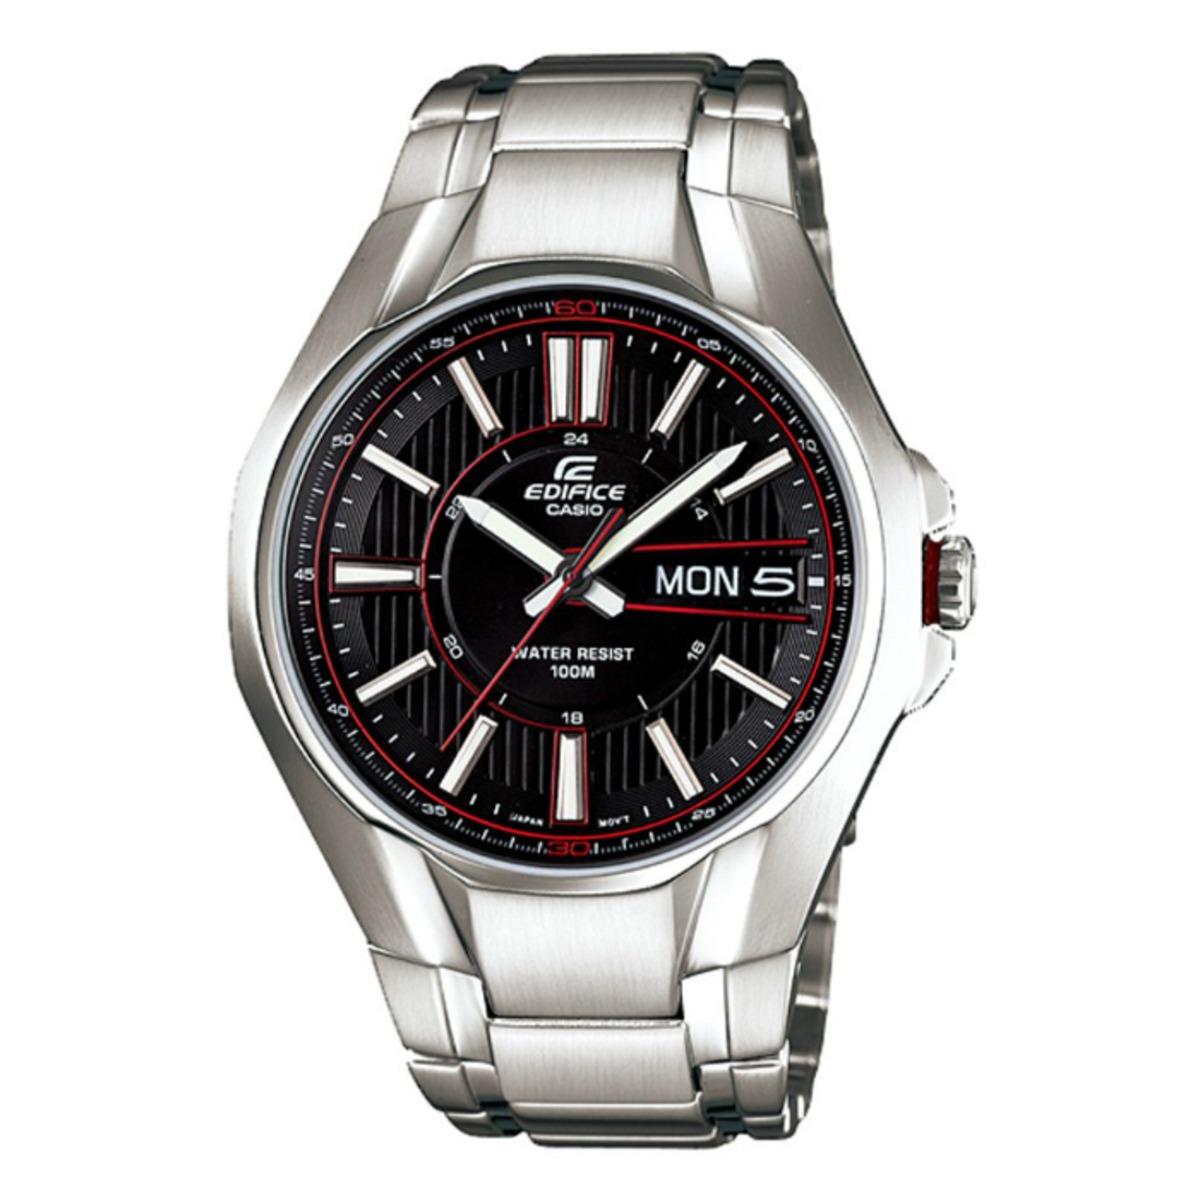 1b142e9b5ae8 Reloj Casio Edifice Analog Digital Ef-133d-1av Negro -   345.810 en ...